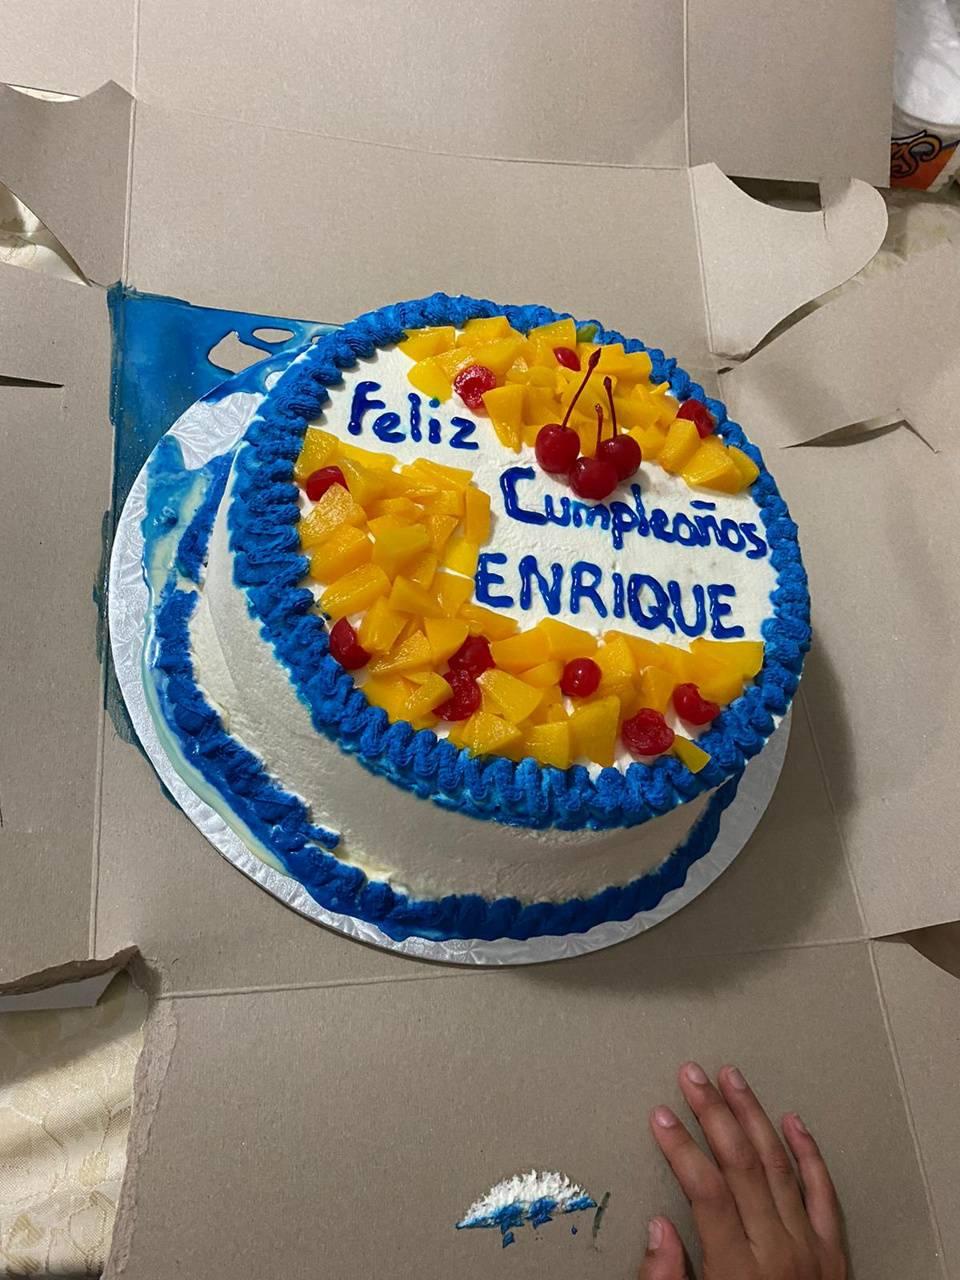 Feliz cumple Enrique